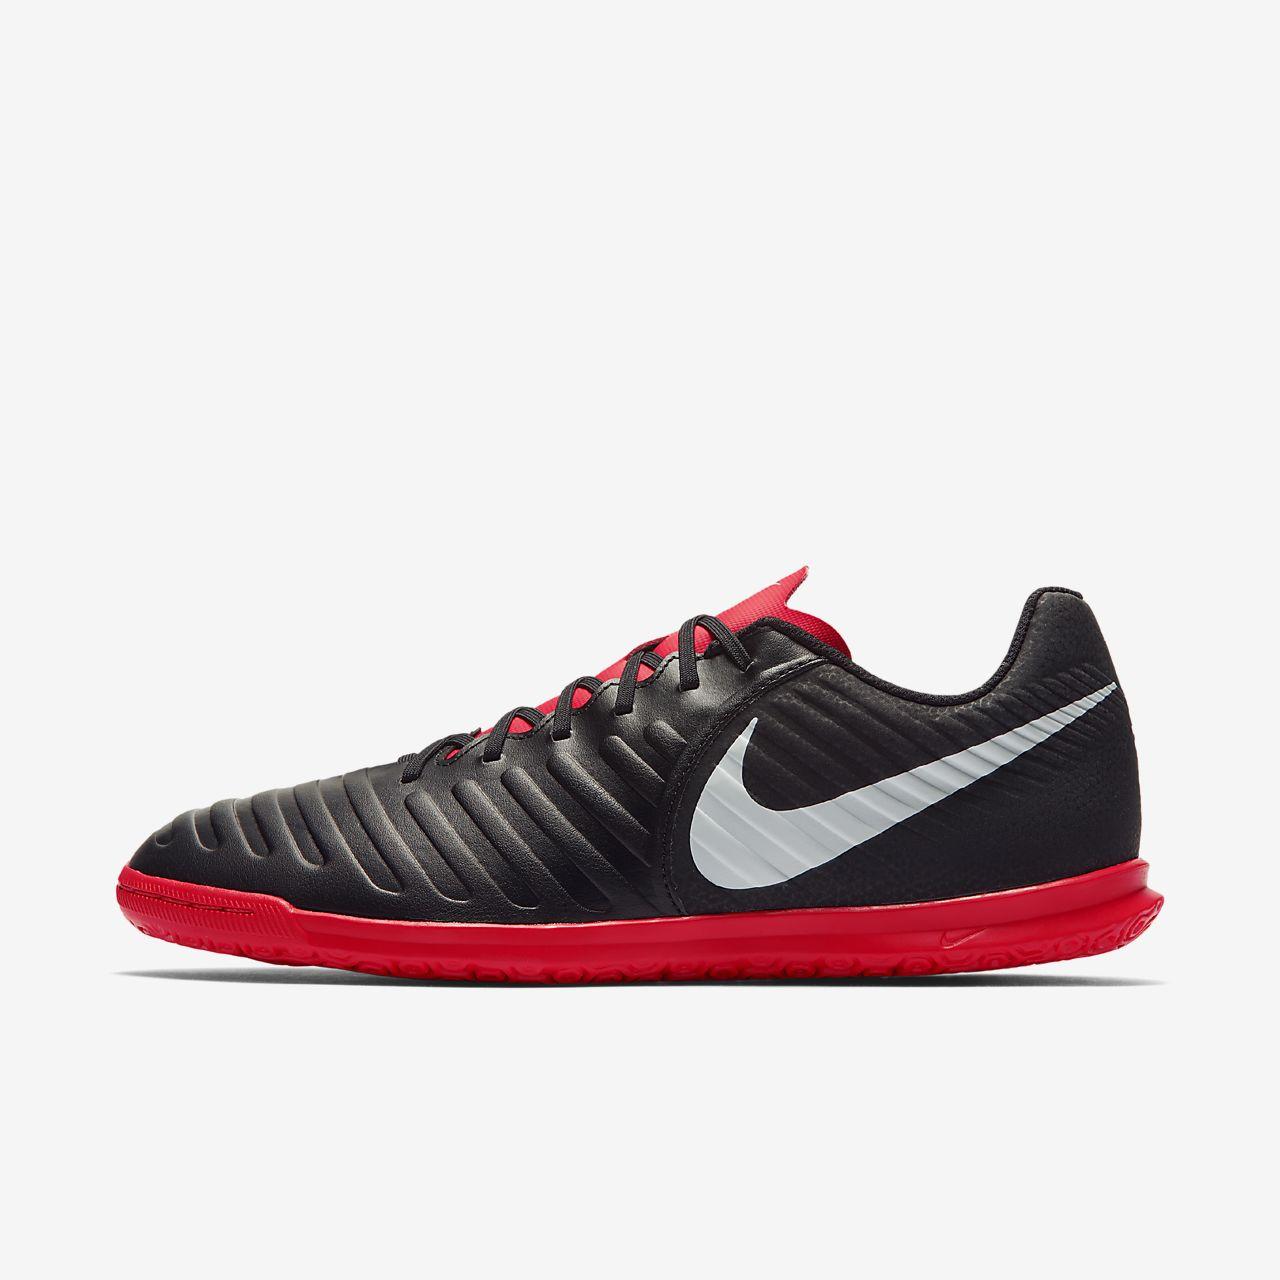 f5dd7d3b91 Nike TiempoX Legend VII Club Indoor/Court Football Shoe. Nike.com NZ